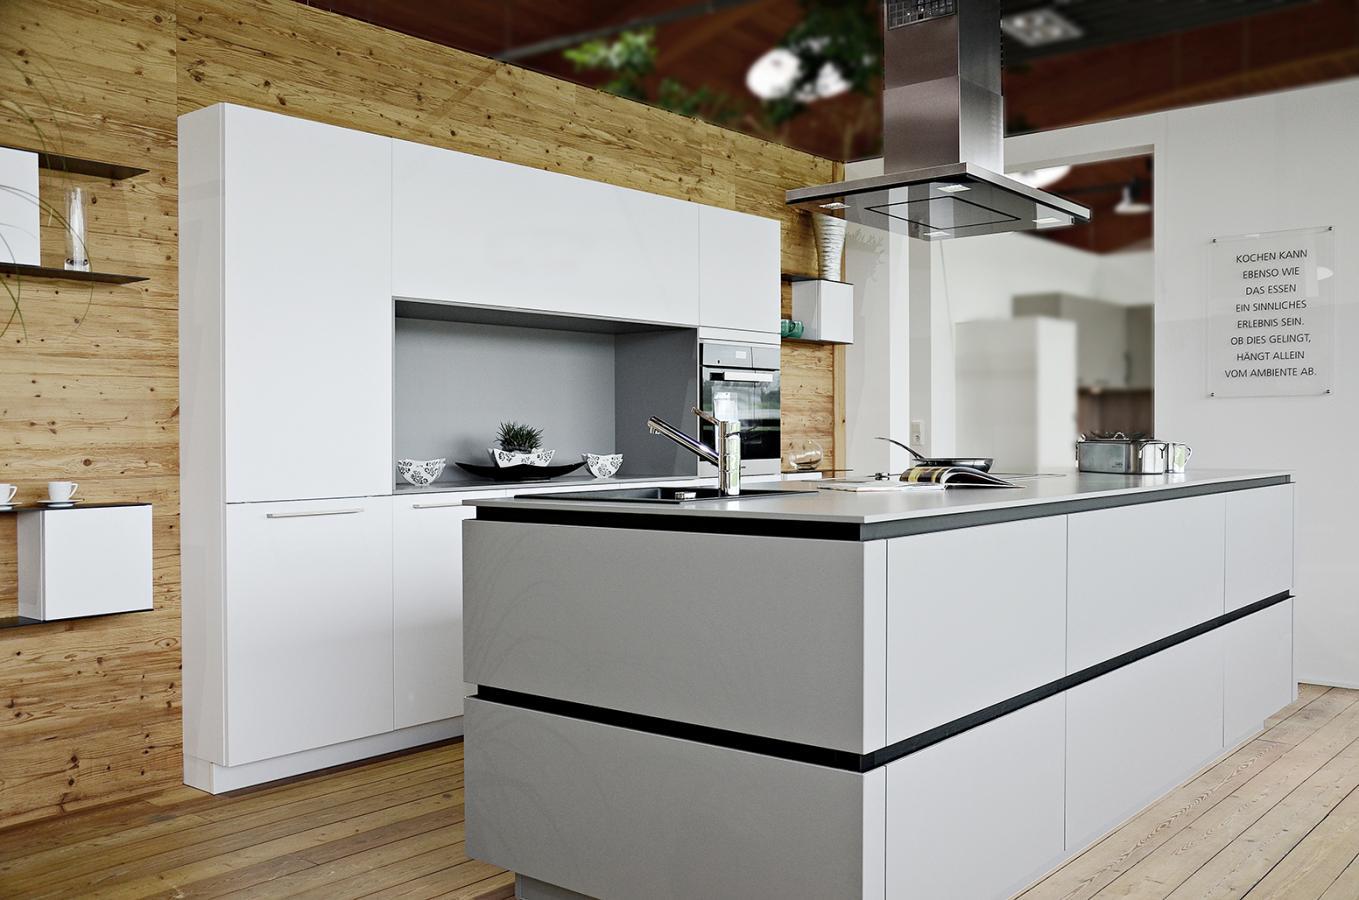 Kuchenstudio Wangen Im Allgau Kuchenstudio Lindau Am Bodensee